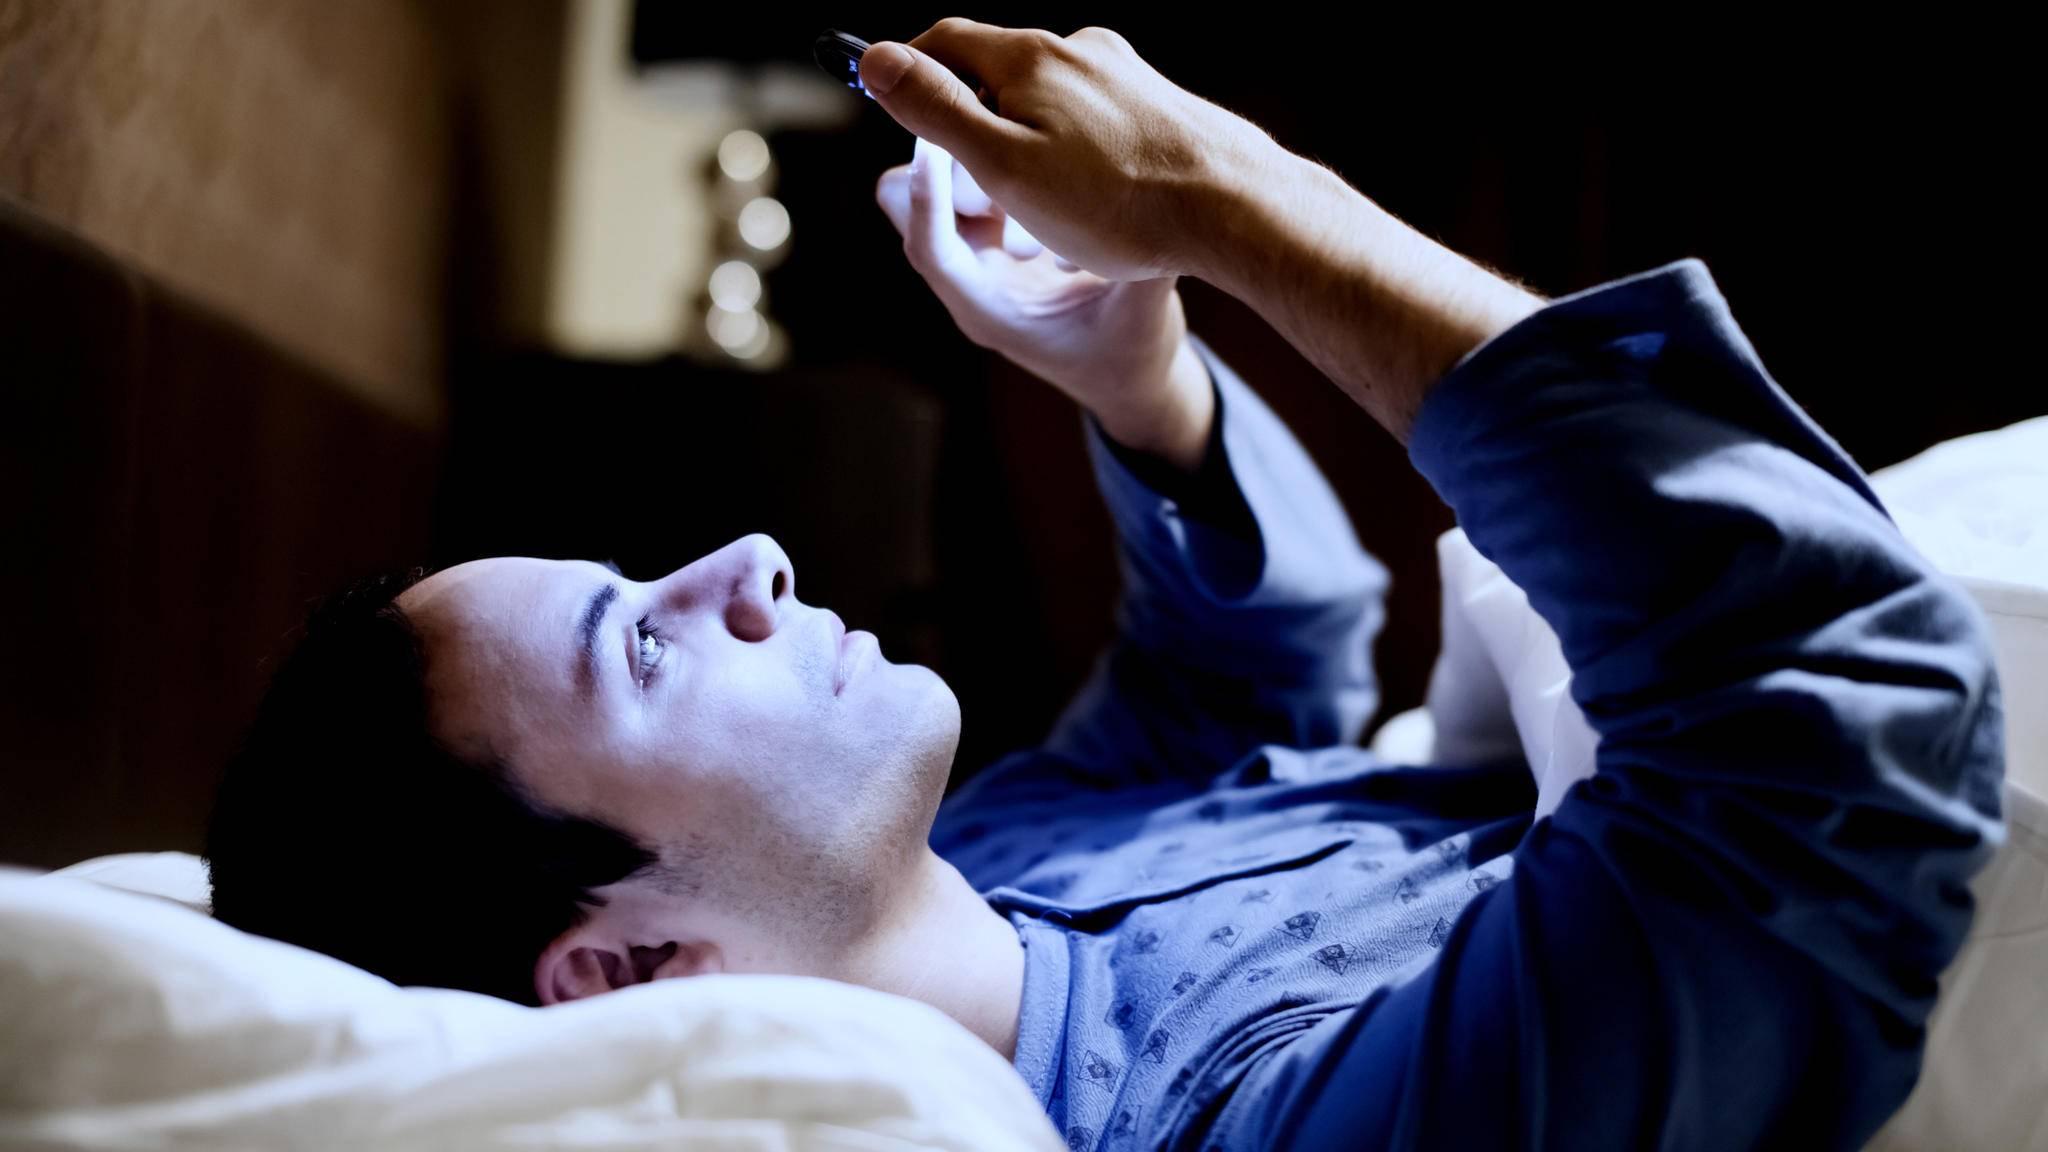 Besonders nachts kann der Nicht-Stören-Modus für ungestörte Ruhe sorgen.